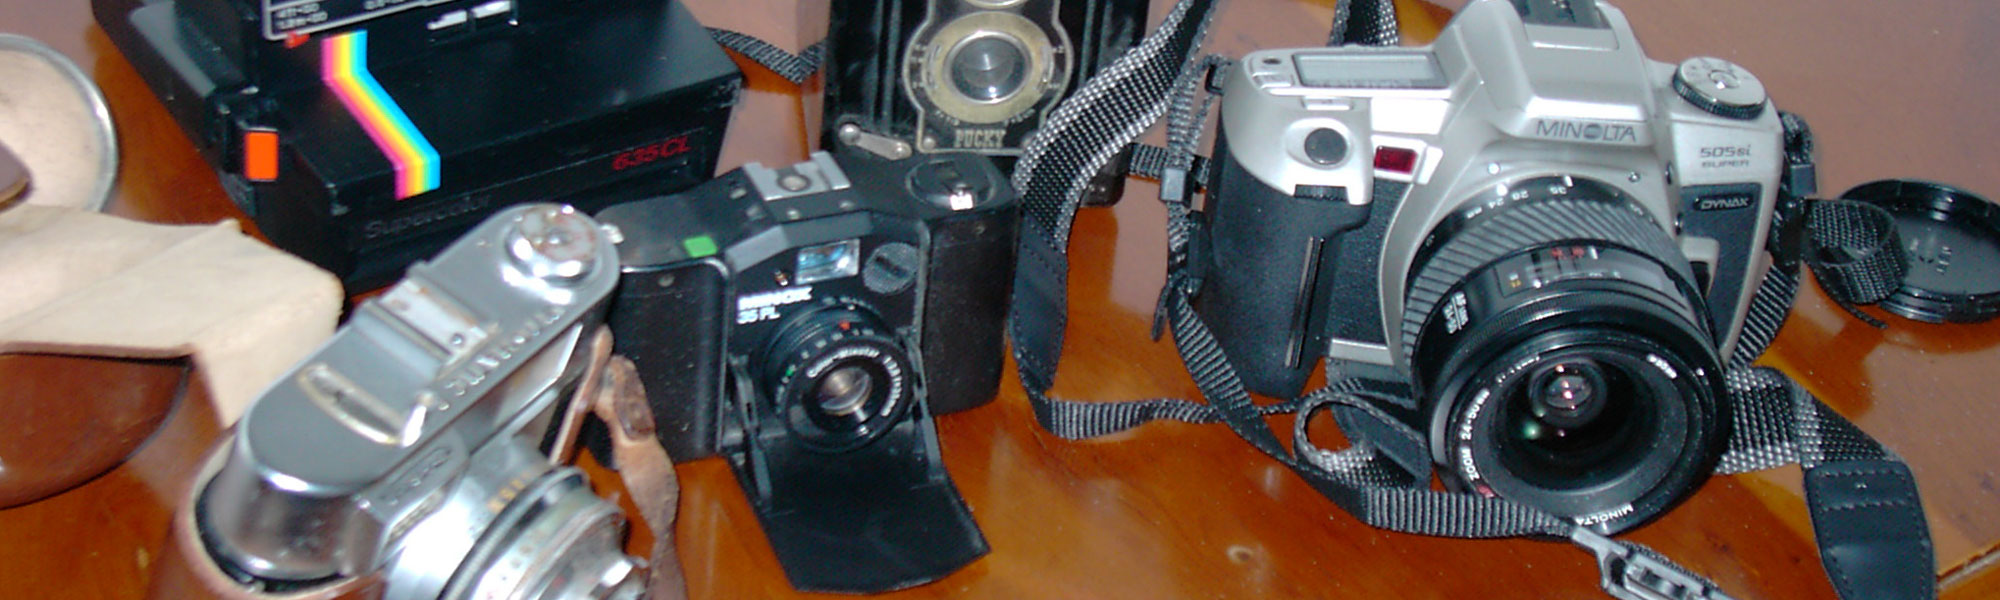 Fotoapperate